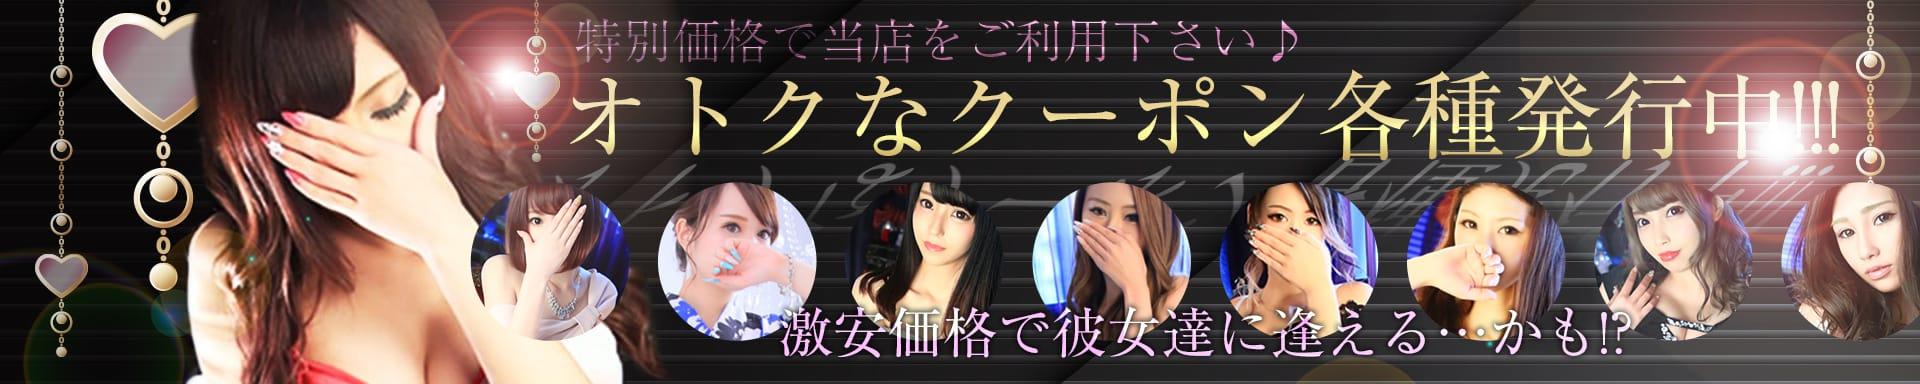 Club BLENDA 金沢(クラブブレンダ) その3